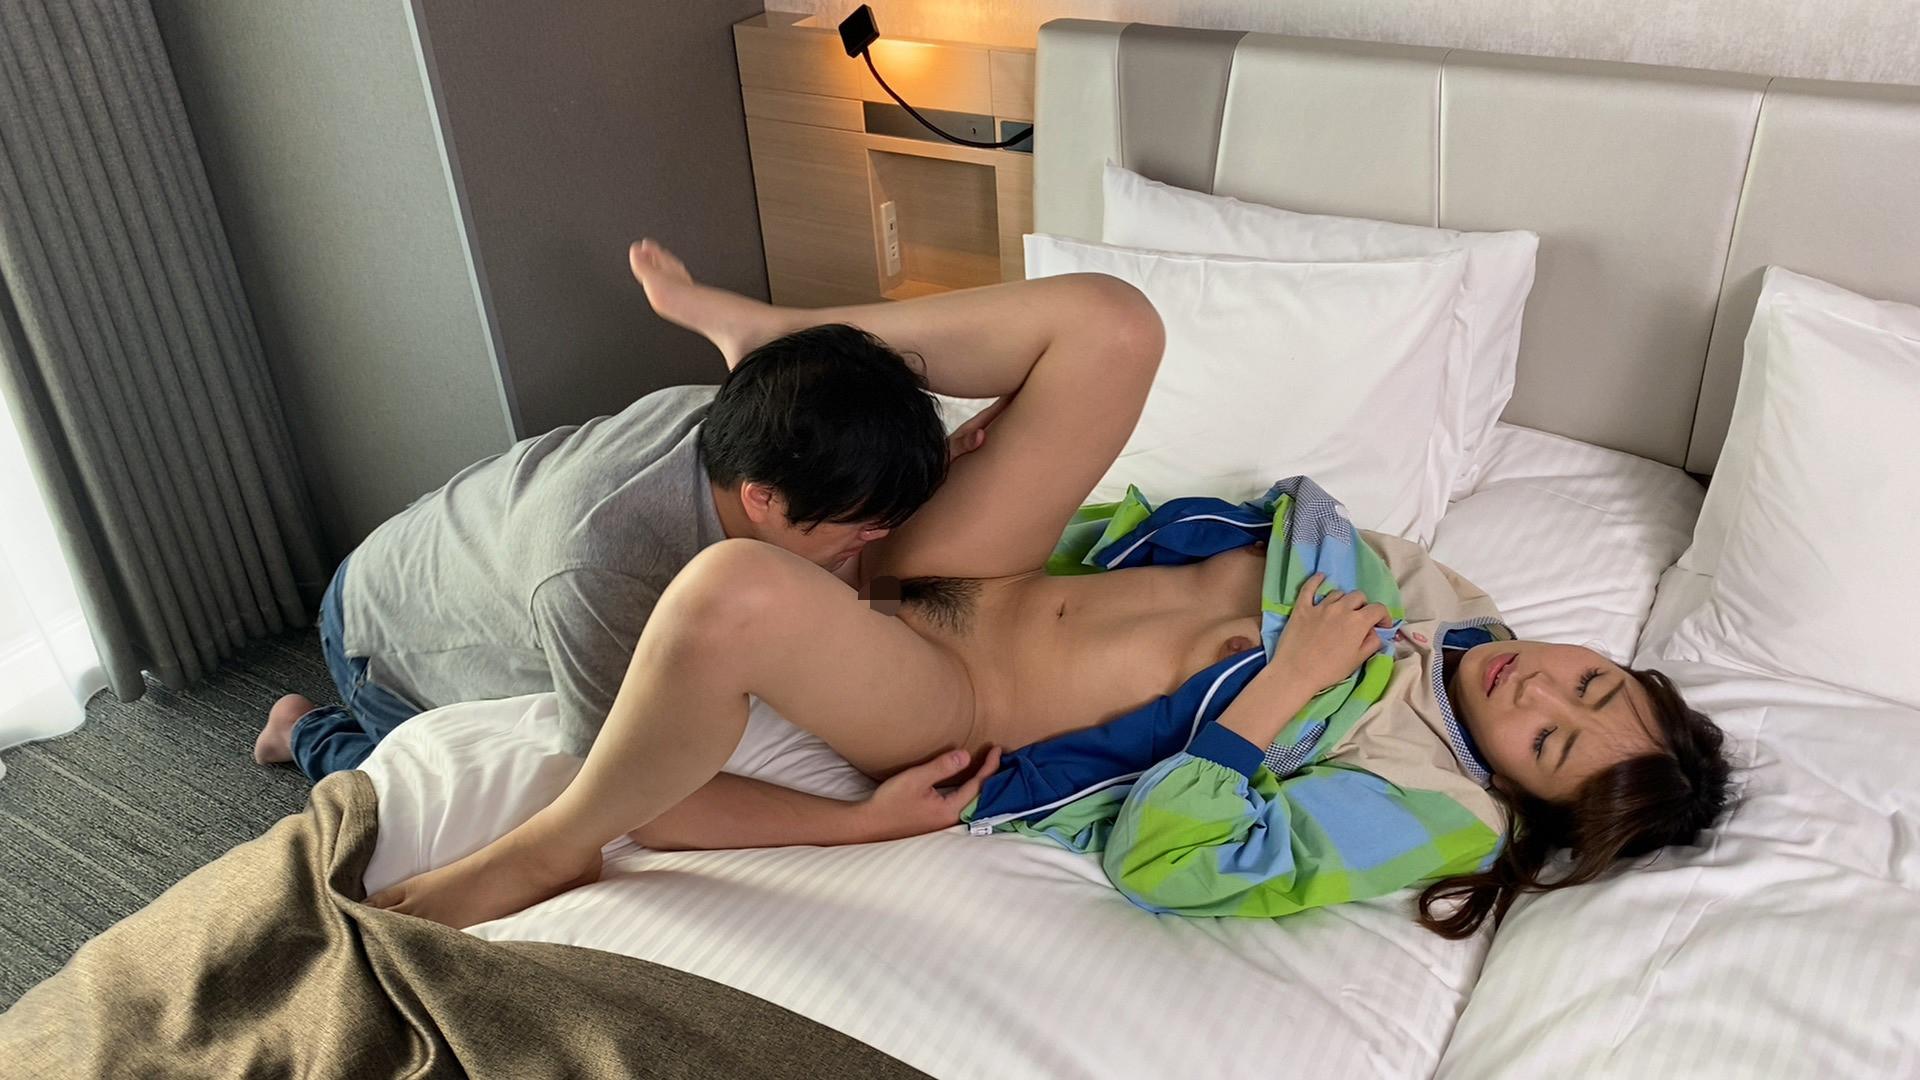 元幼稚園の先生!ベーグル女子!中出しデビュー! 椎名はる 画像5